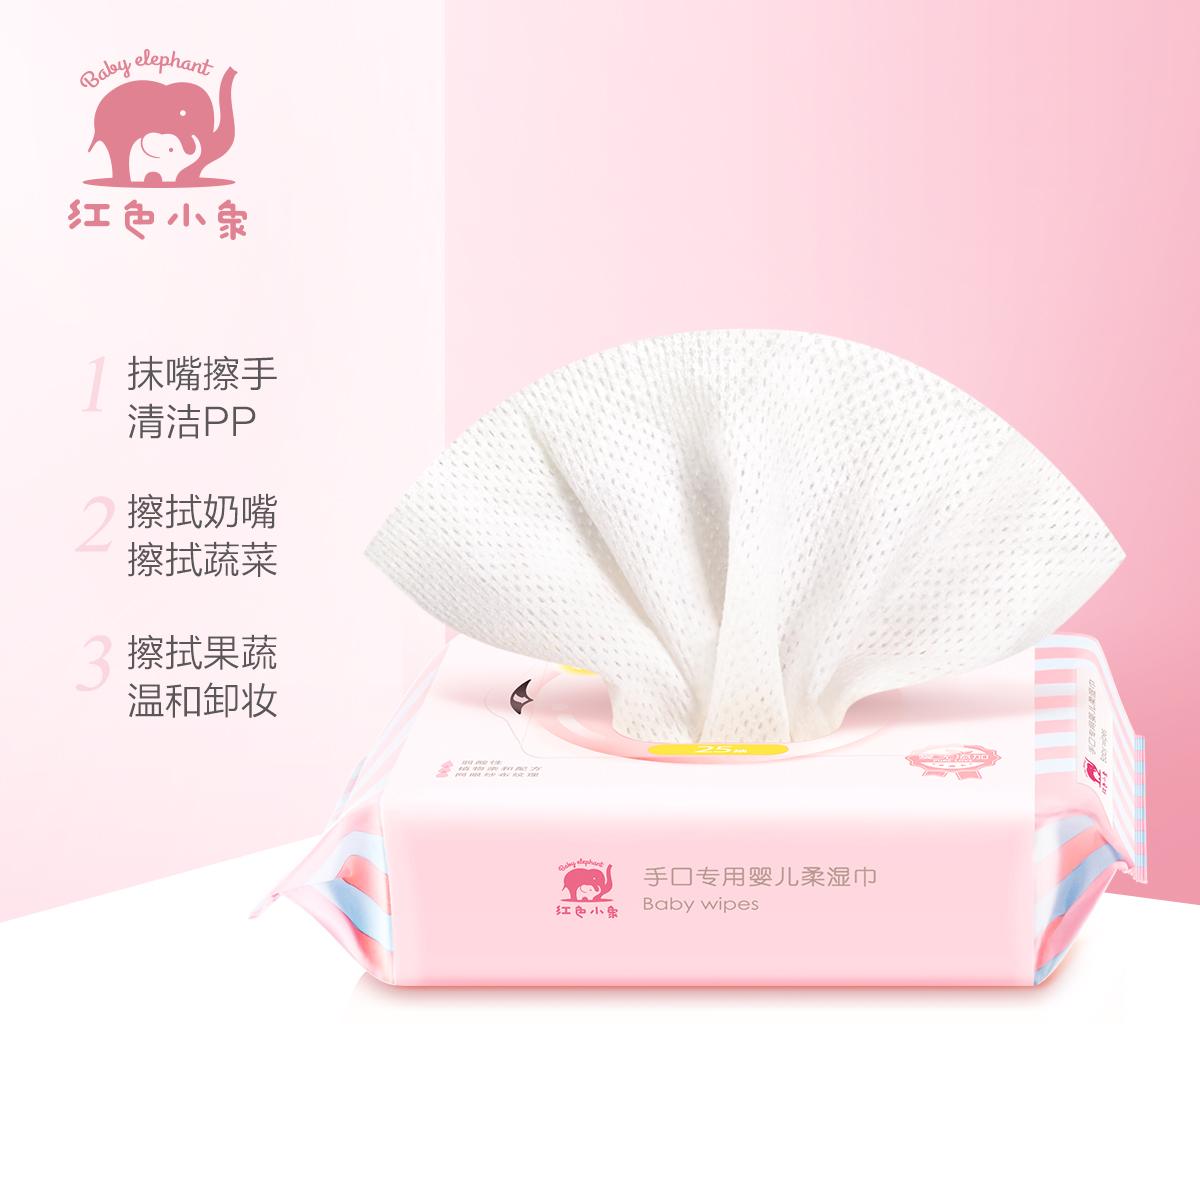 红色小象婴儿柔湿巾宝宝手口专用纸巾棉柔巾小包随身包装便携正品 No.1